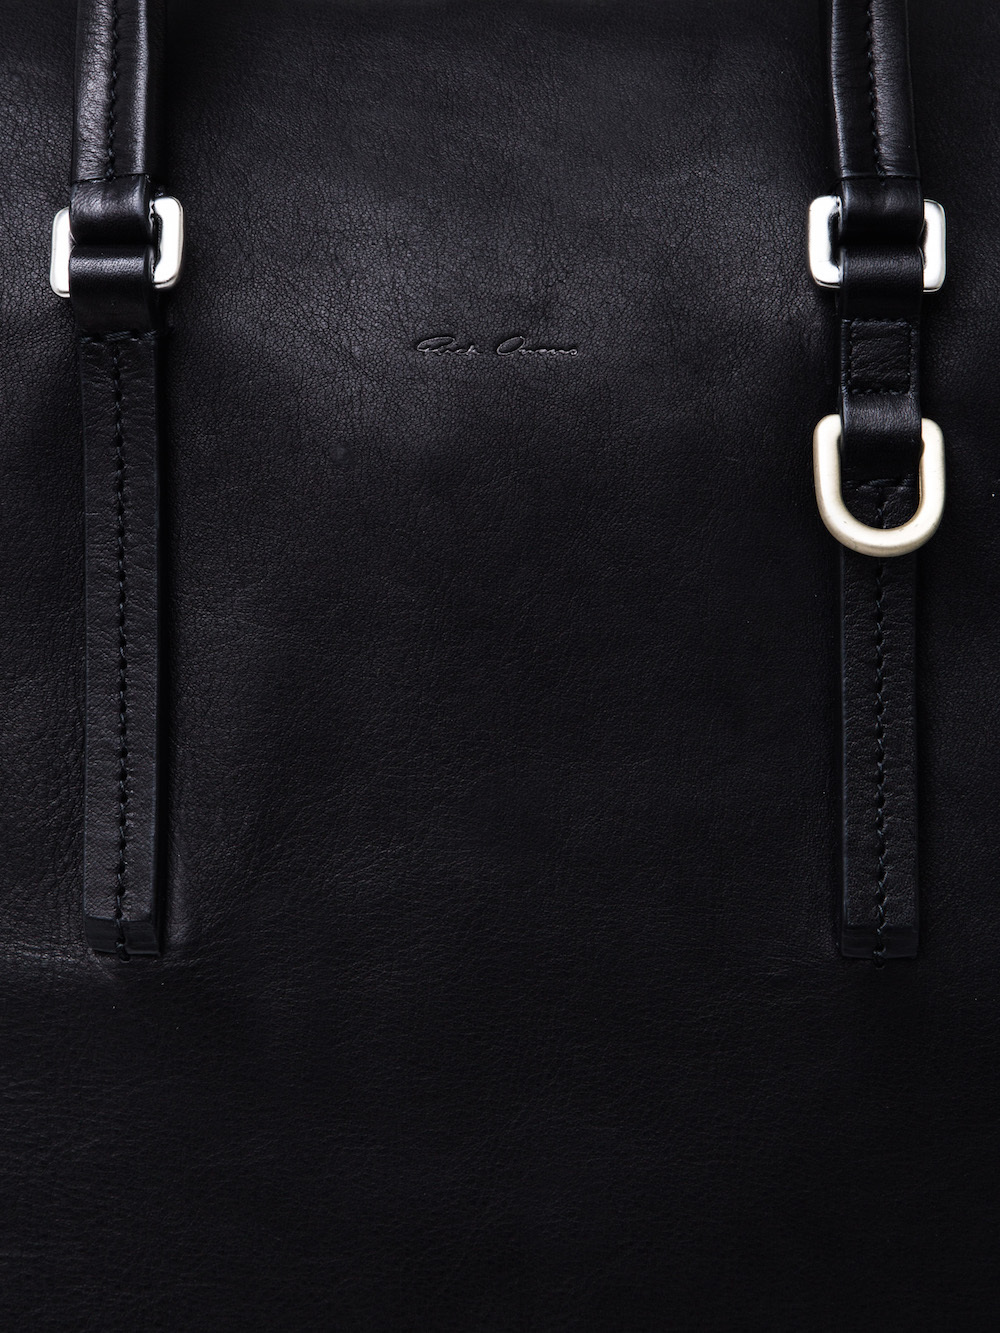 RICK OWENS SHOULDER BAG IN BLACK CALF LEATHER